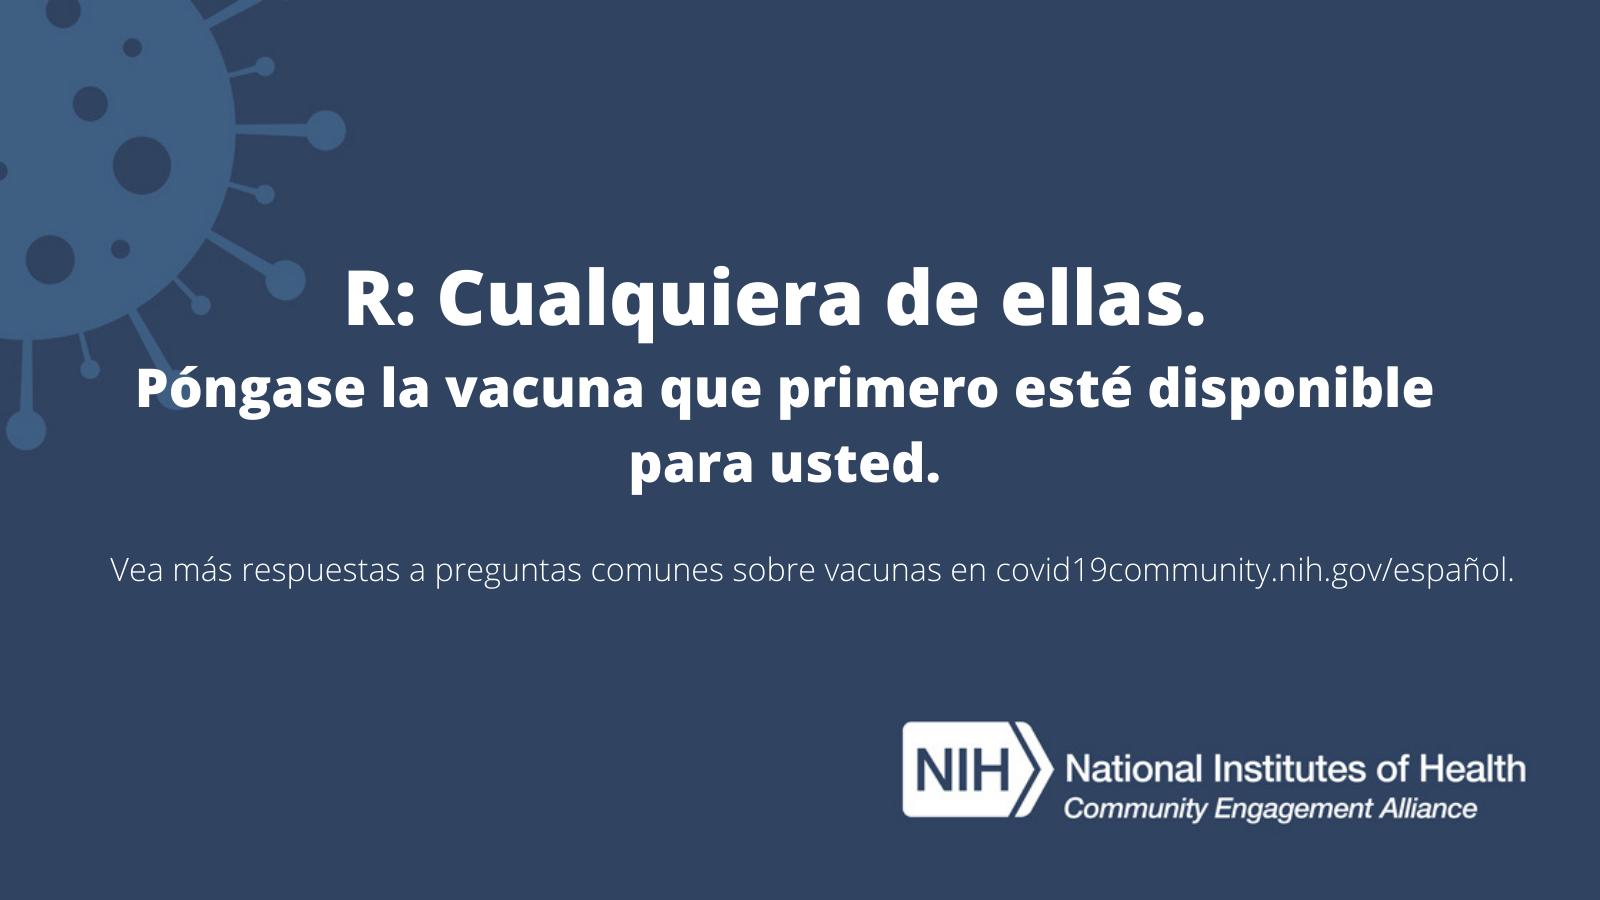 R: Cualquiera de ellas. Póngase la vacuna que primero esté disponible para usted. Vea más respuestas a preguntas sobre las vacunas en covid19community.nih.gov/español.